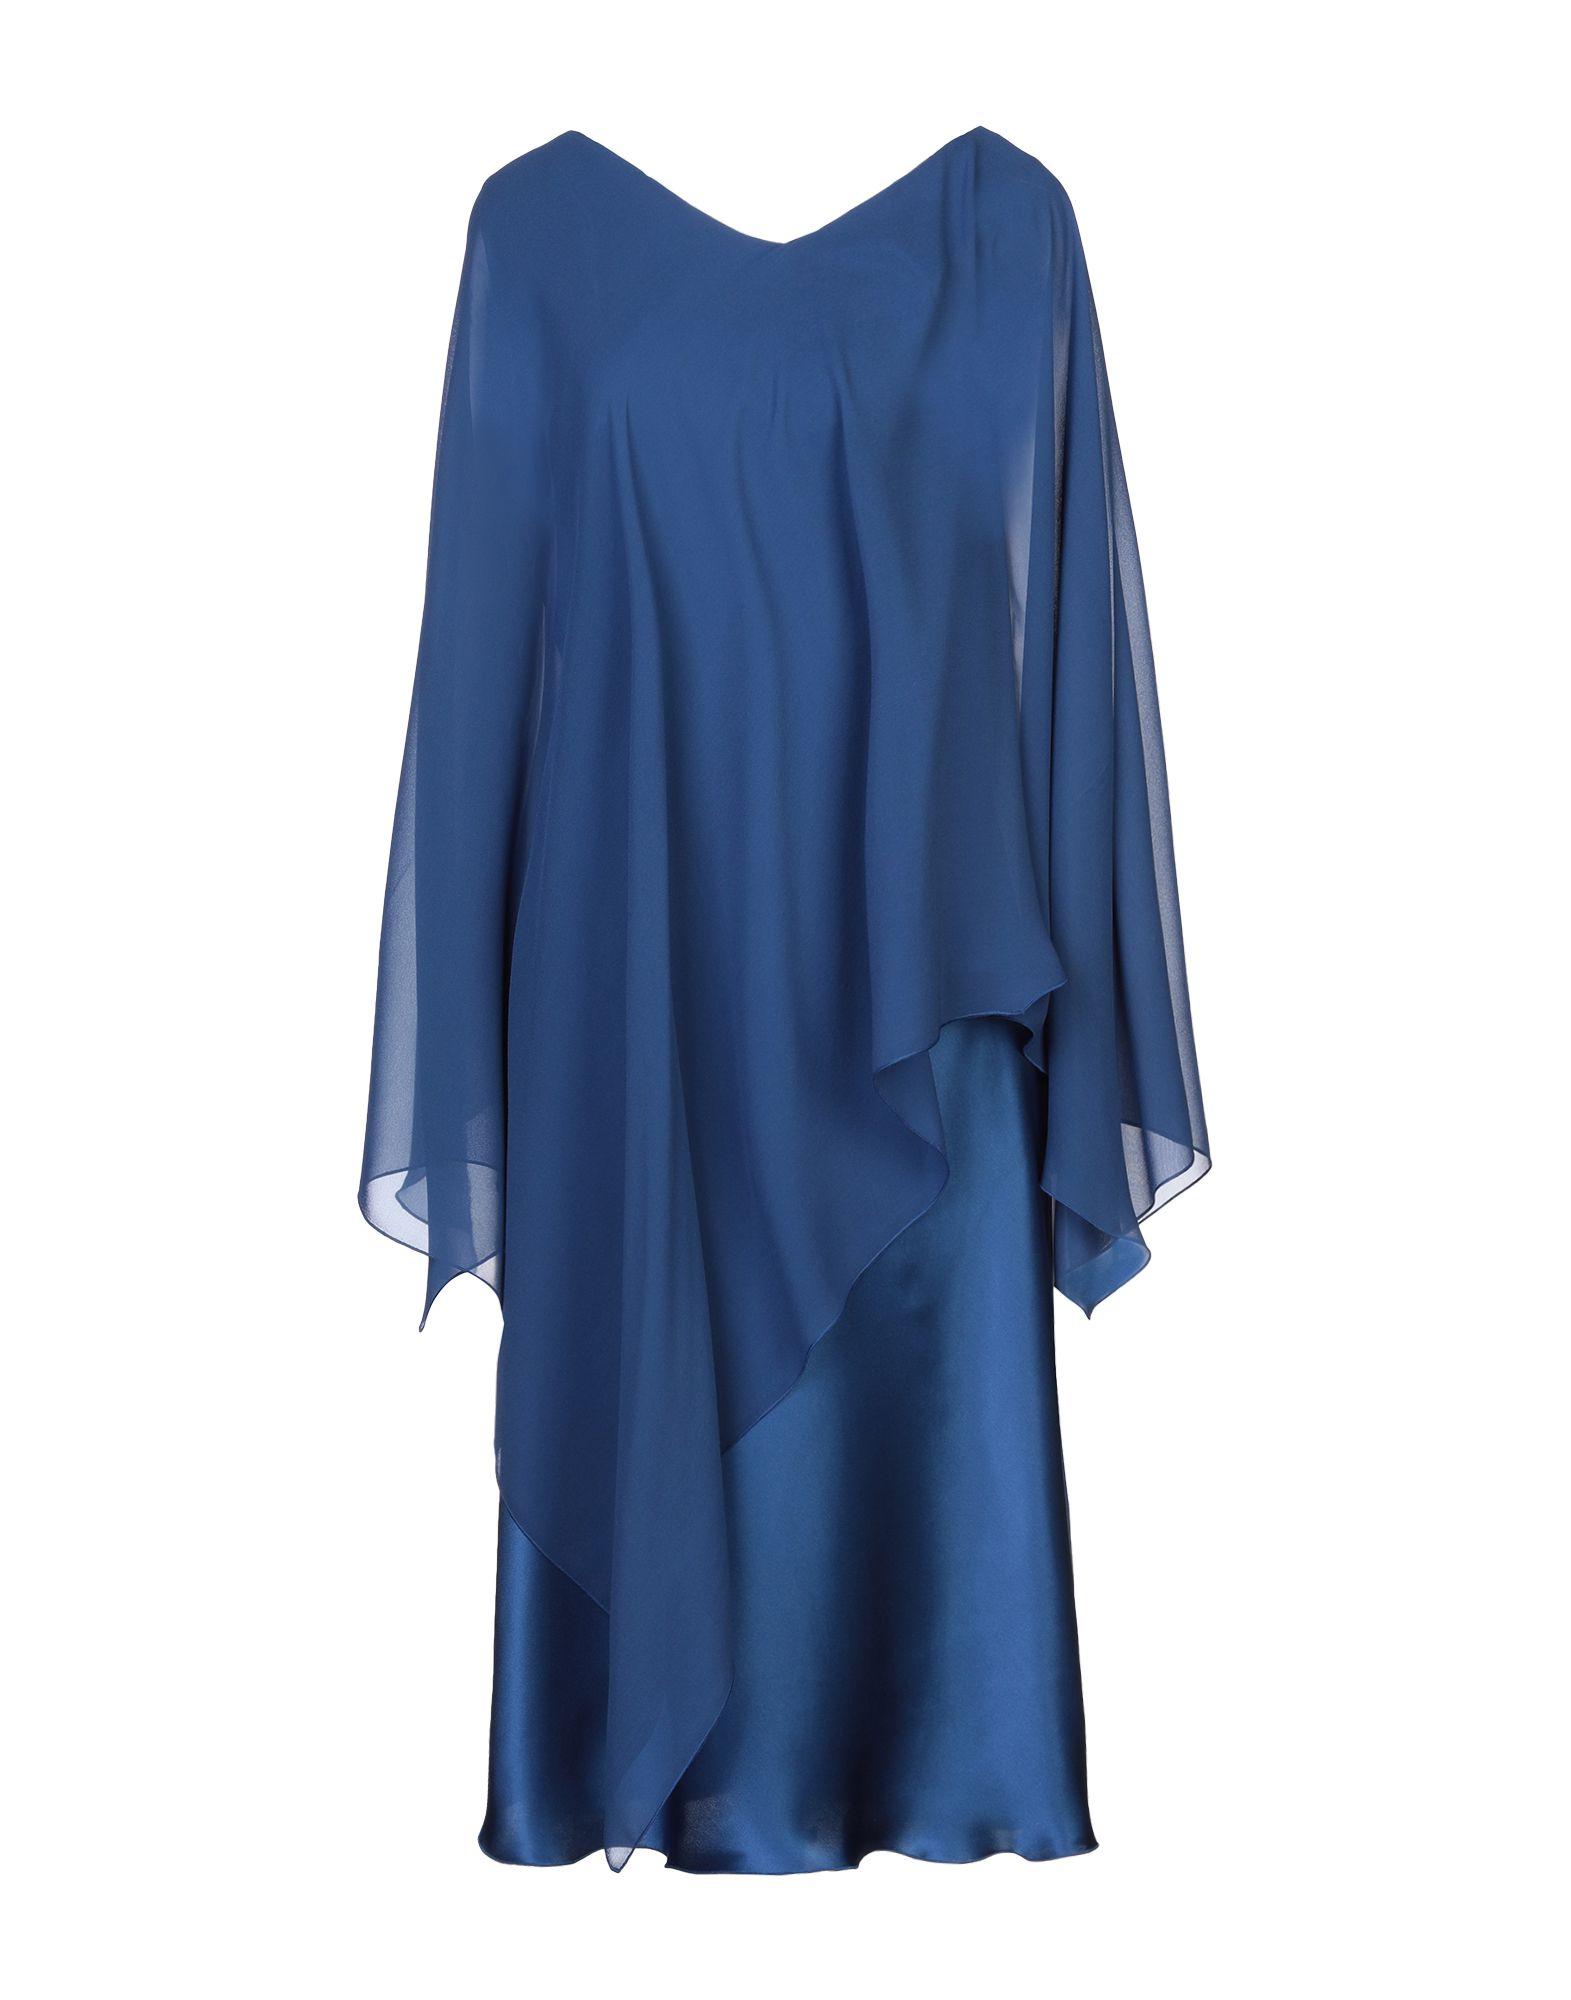 BOTONDI MILANO Платье длиной 3/4 недорого